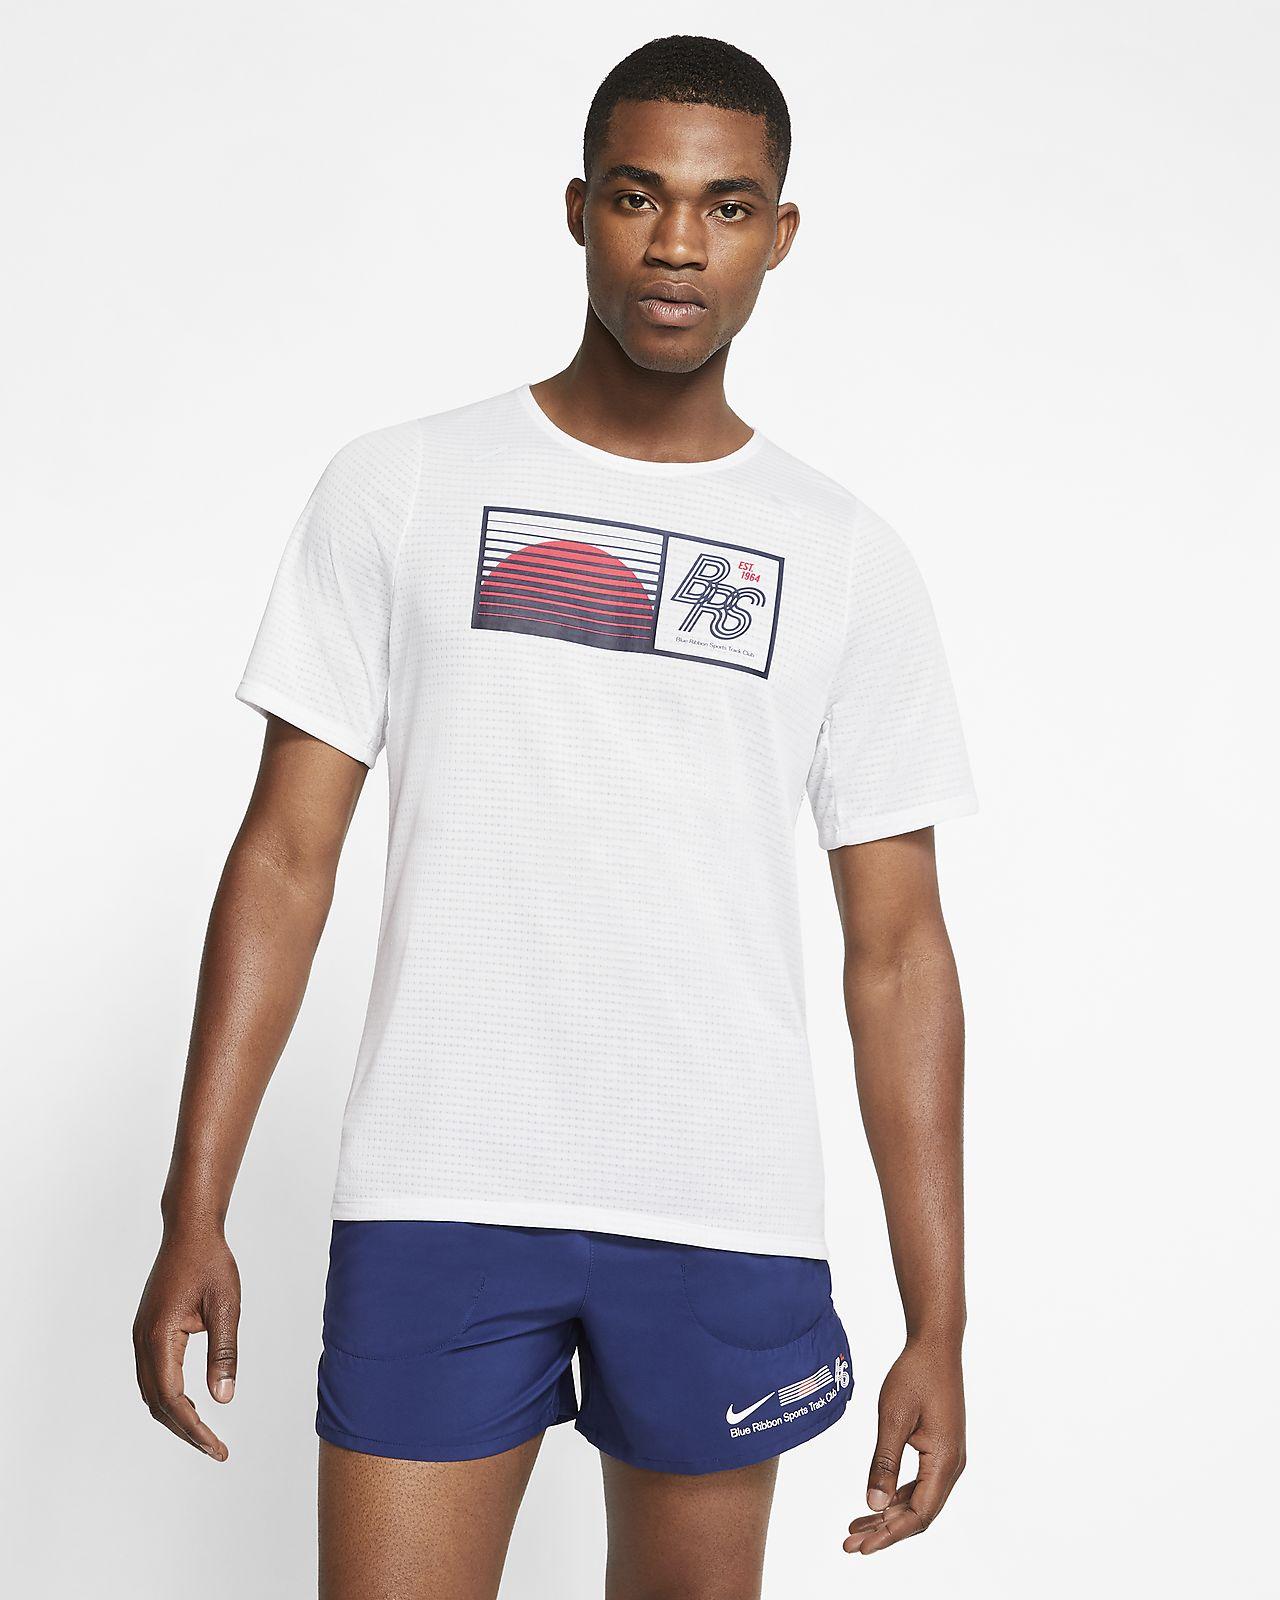 Nike Rise 365 Blue Ribbon Sports Camiseta de running - Hombre